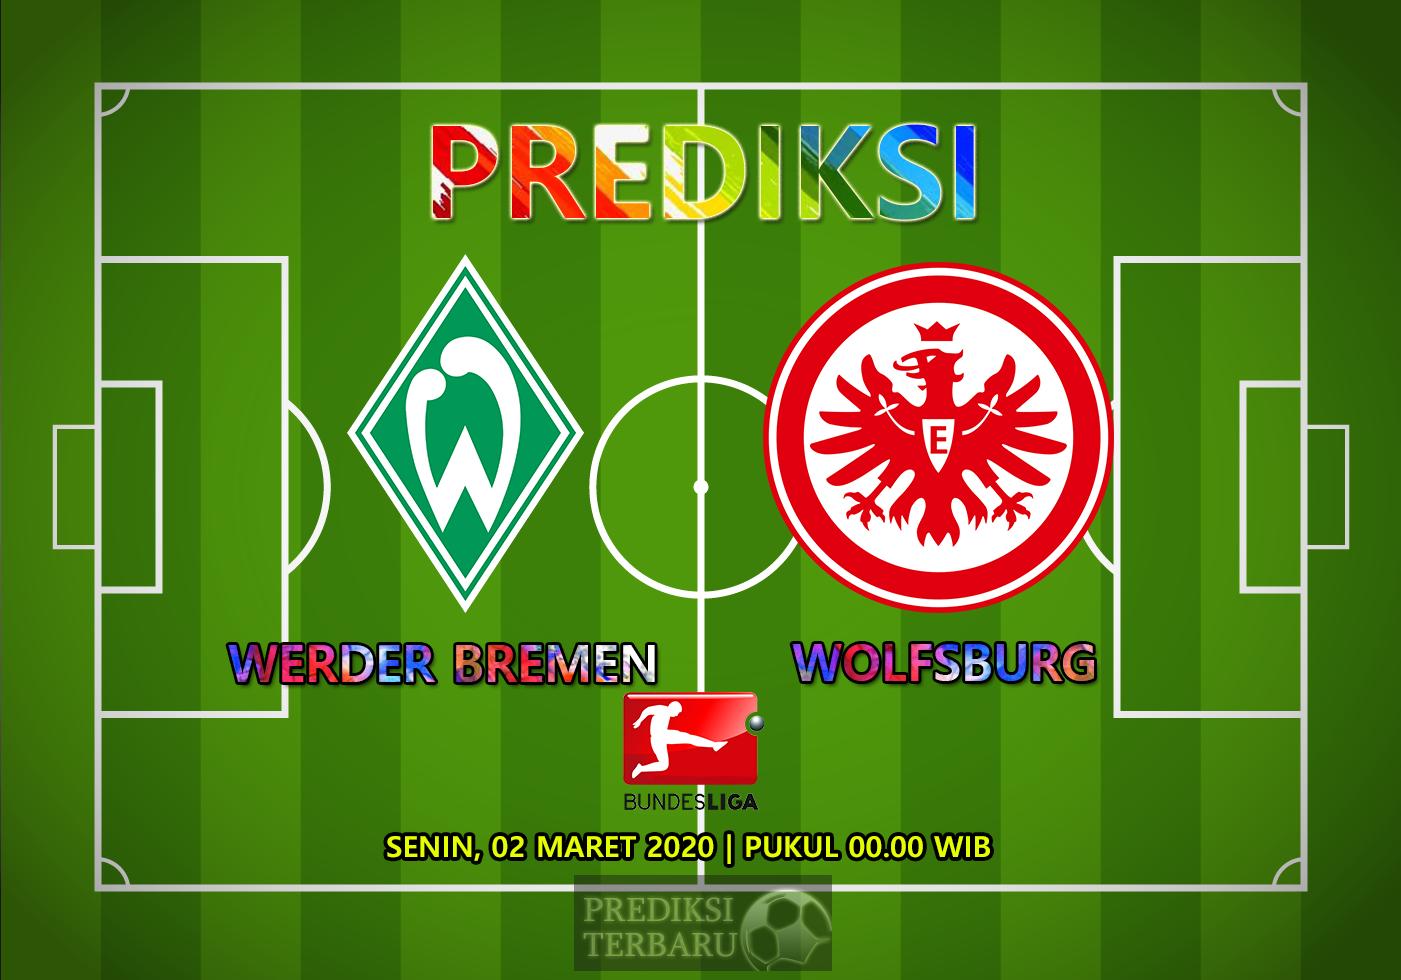 Prediksi Werder Bremen Vs Eintracht Frankfurt Senin 02 Maret